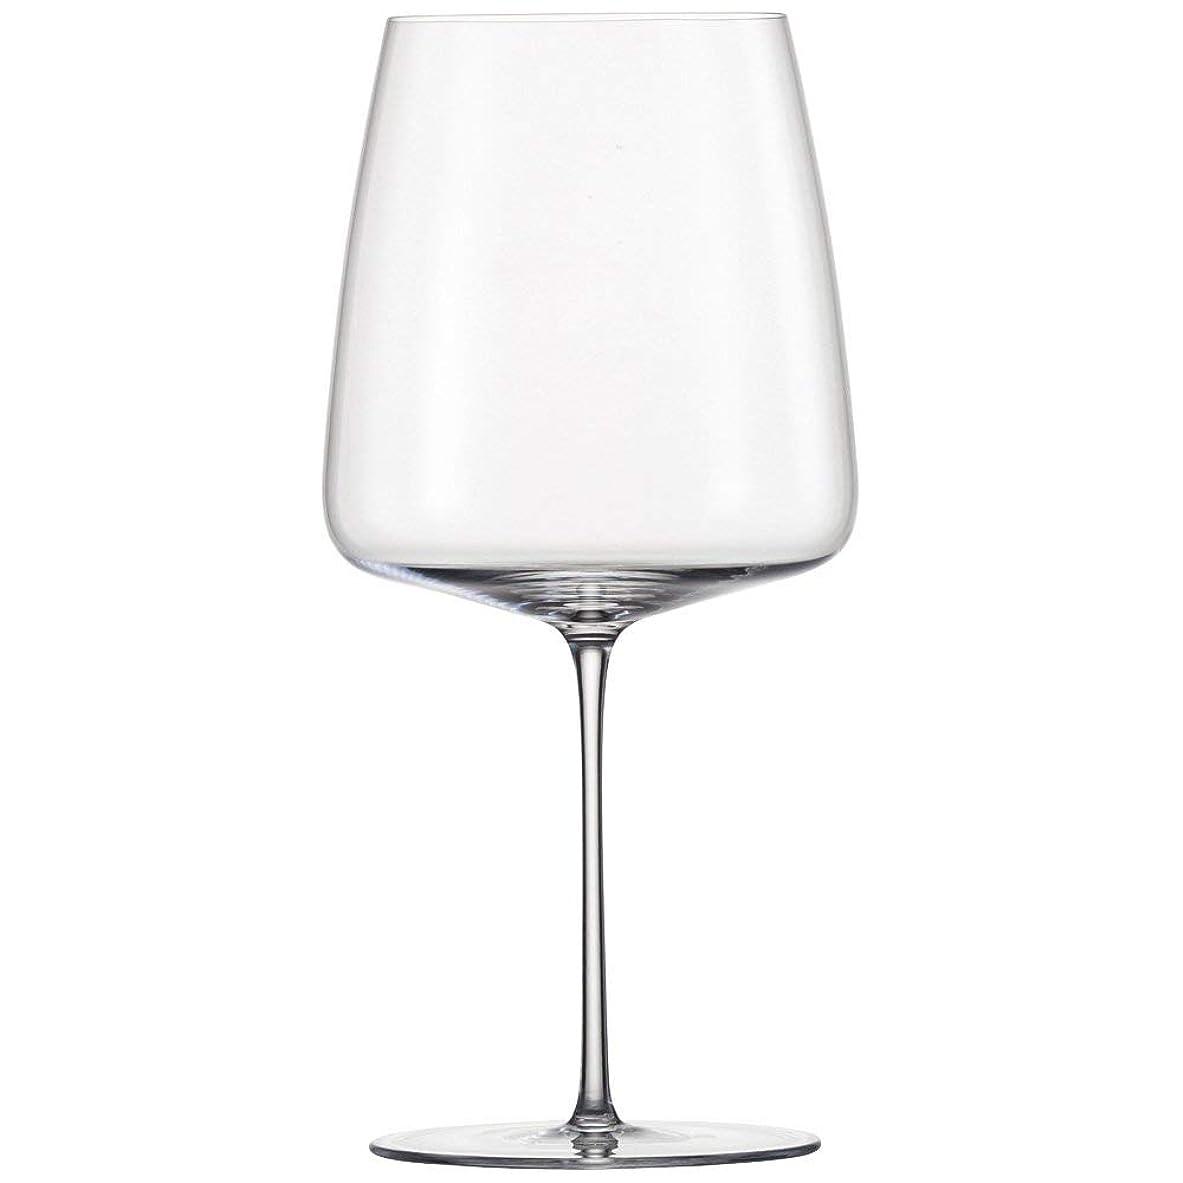 ダーツ推論履歴書ツヴィーゼル(ZWIESEL) シンプリファイ ワイングラス(まろやかでラグジュアリーなワイン)740cc ZW1369-119934